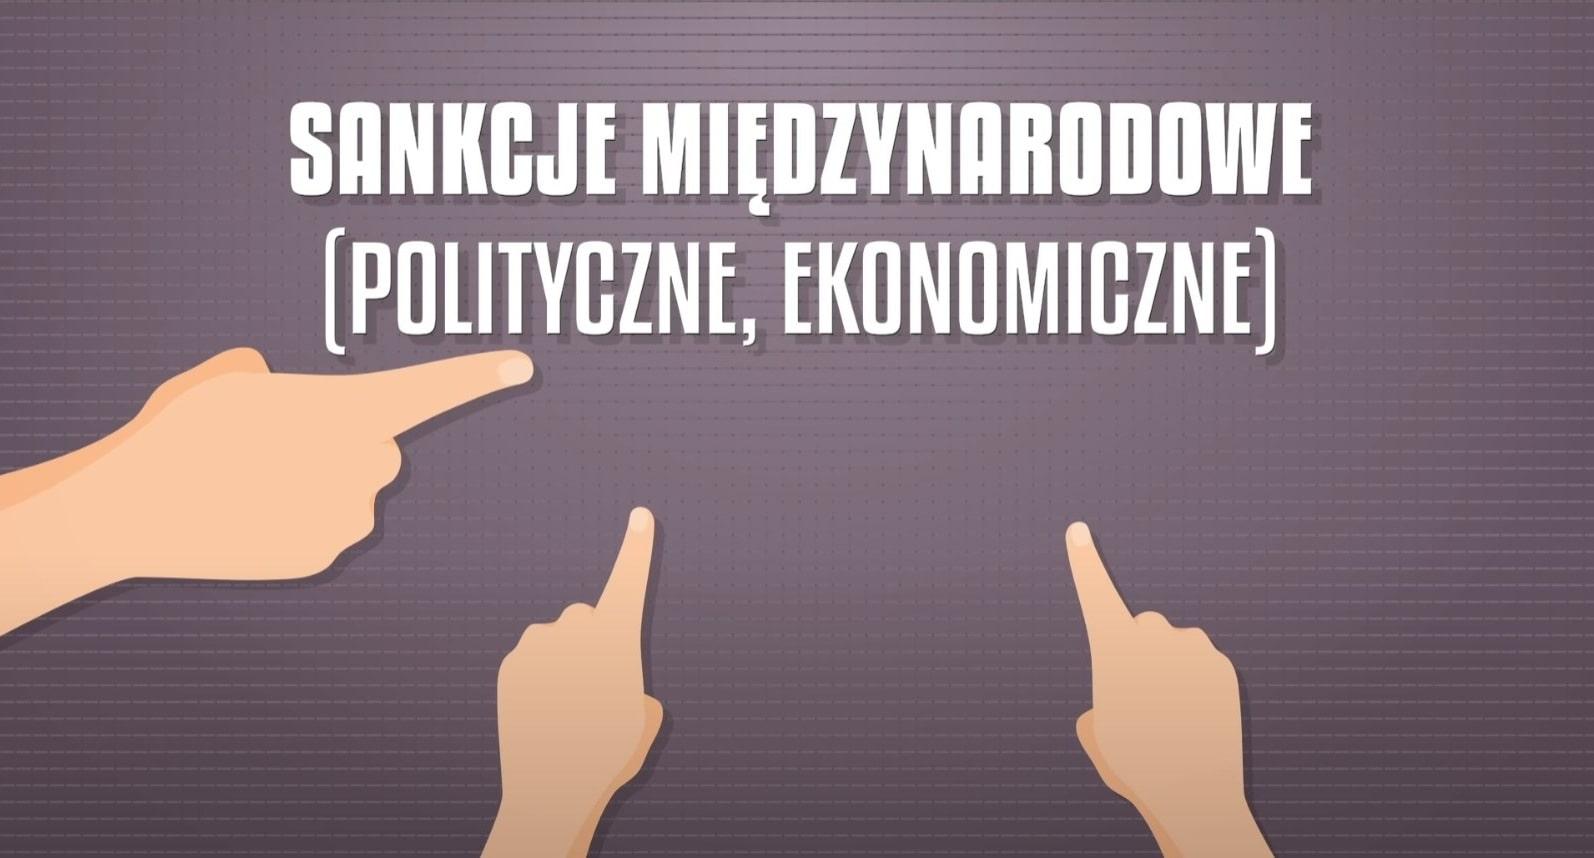 sankcje polityczne